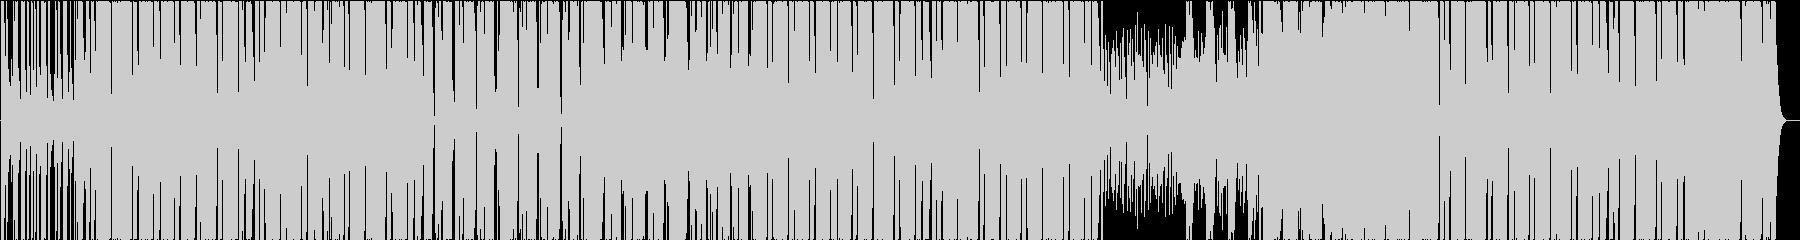 ロック、ラップロックの未再生の波形